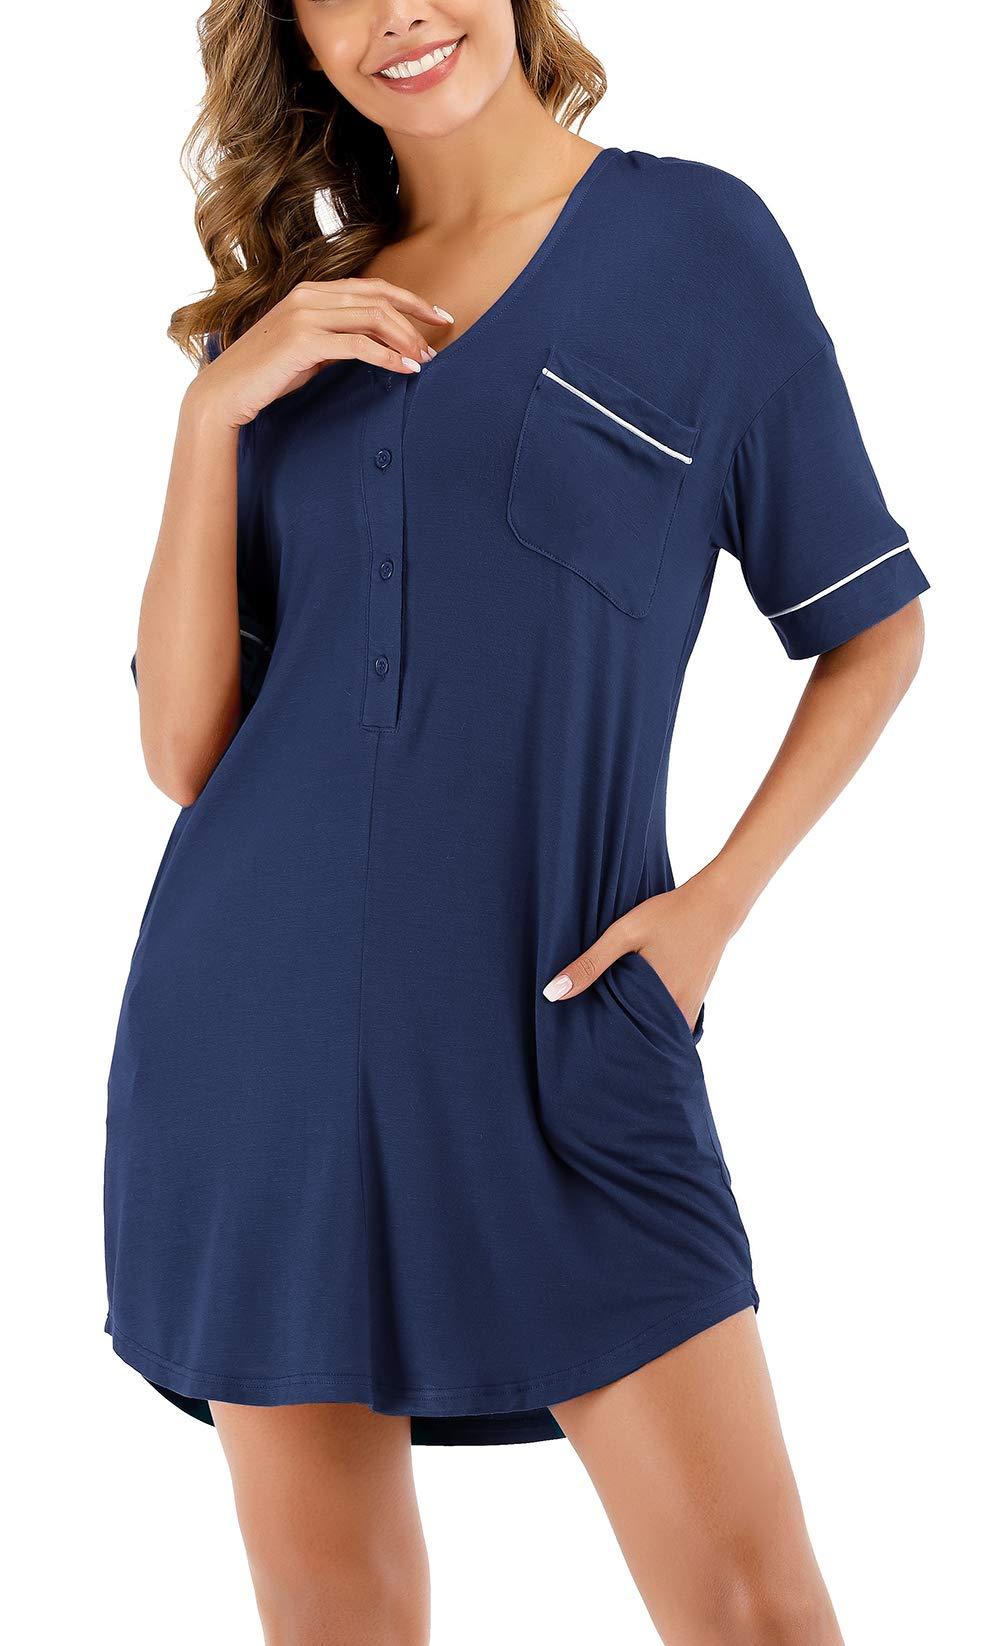 SmilerSmile Women's Cotton Nightgown Sexy Sleepwear Short Sleeve Button Down AnybodyLoungewear with Pockets,Dark Blue,S